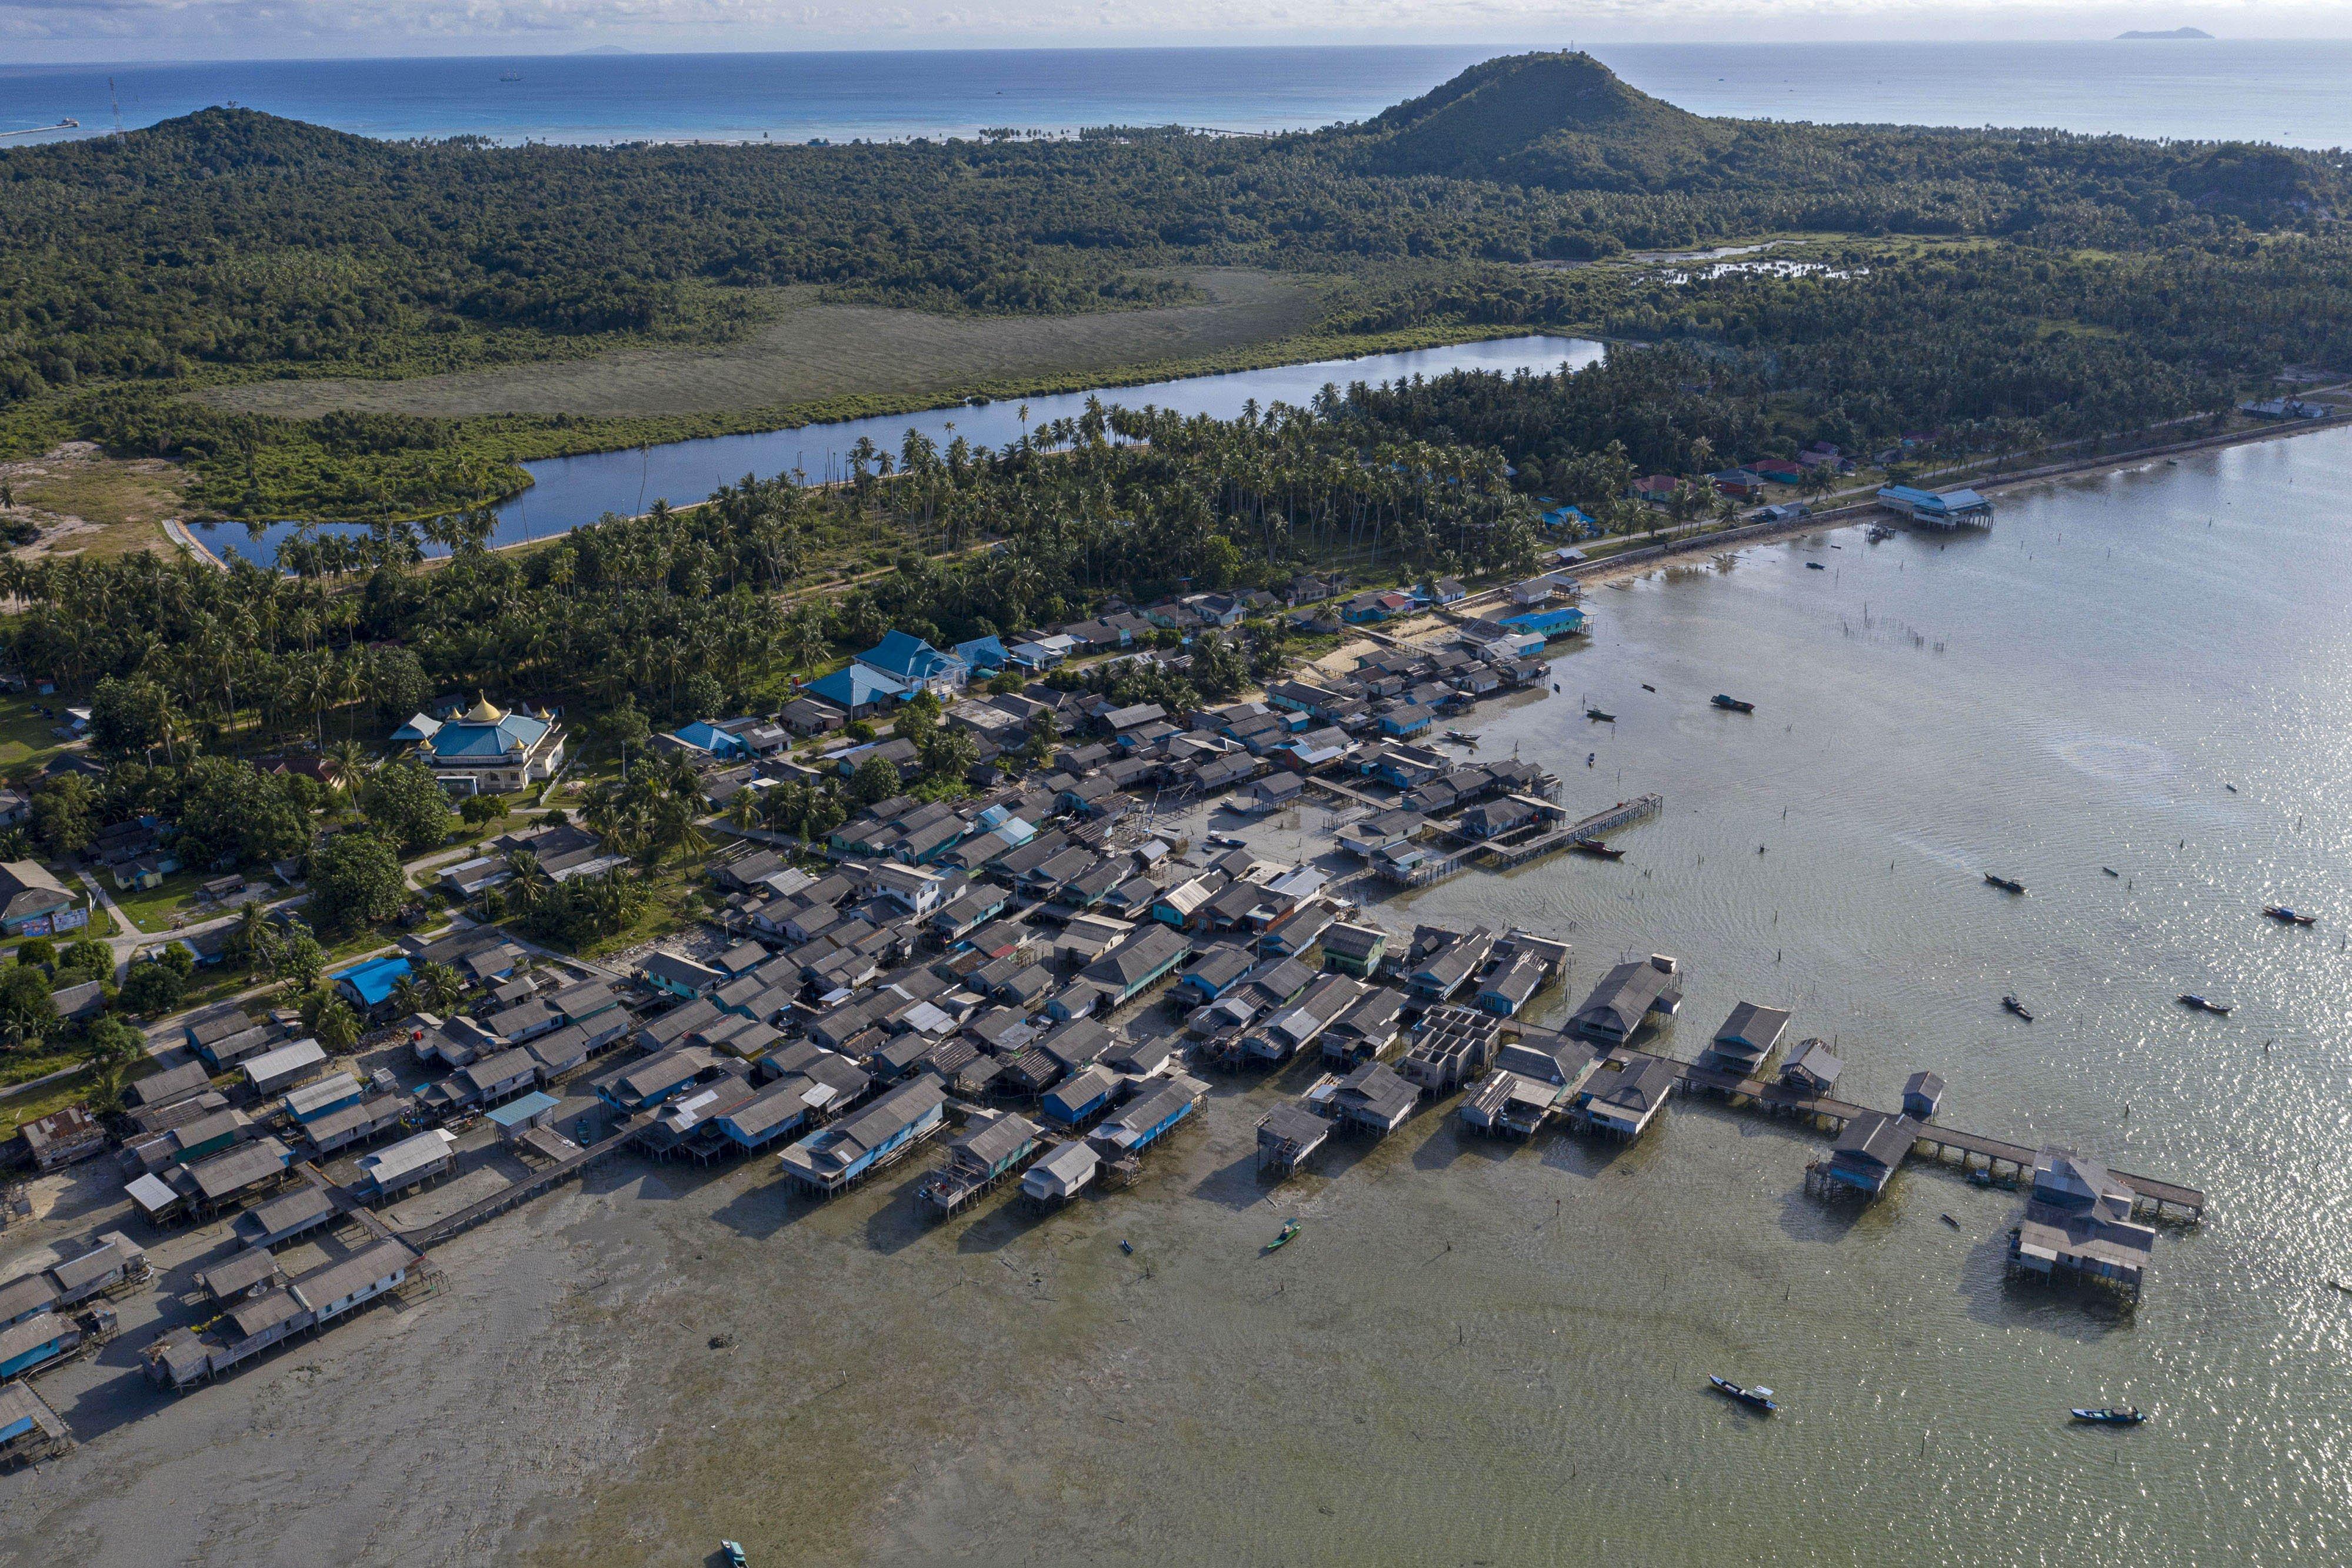 Foto udara permukiman warga dan embung air tawar di Desa Air Payang, Pulau Laut, Kabupaten Natuna, Kepulauan Riau.